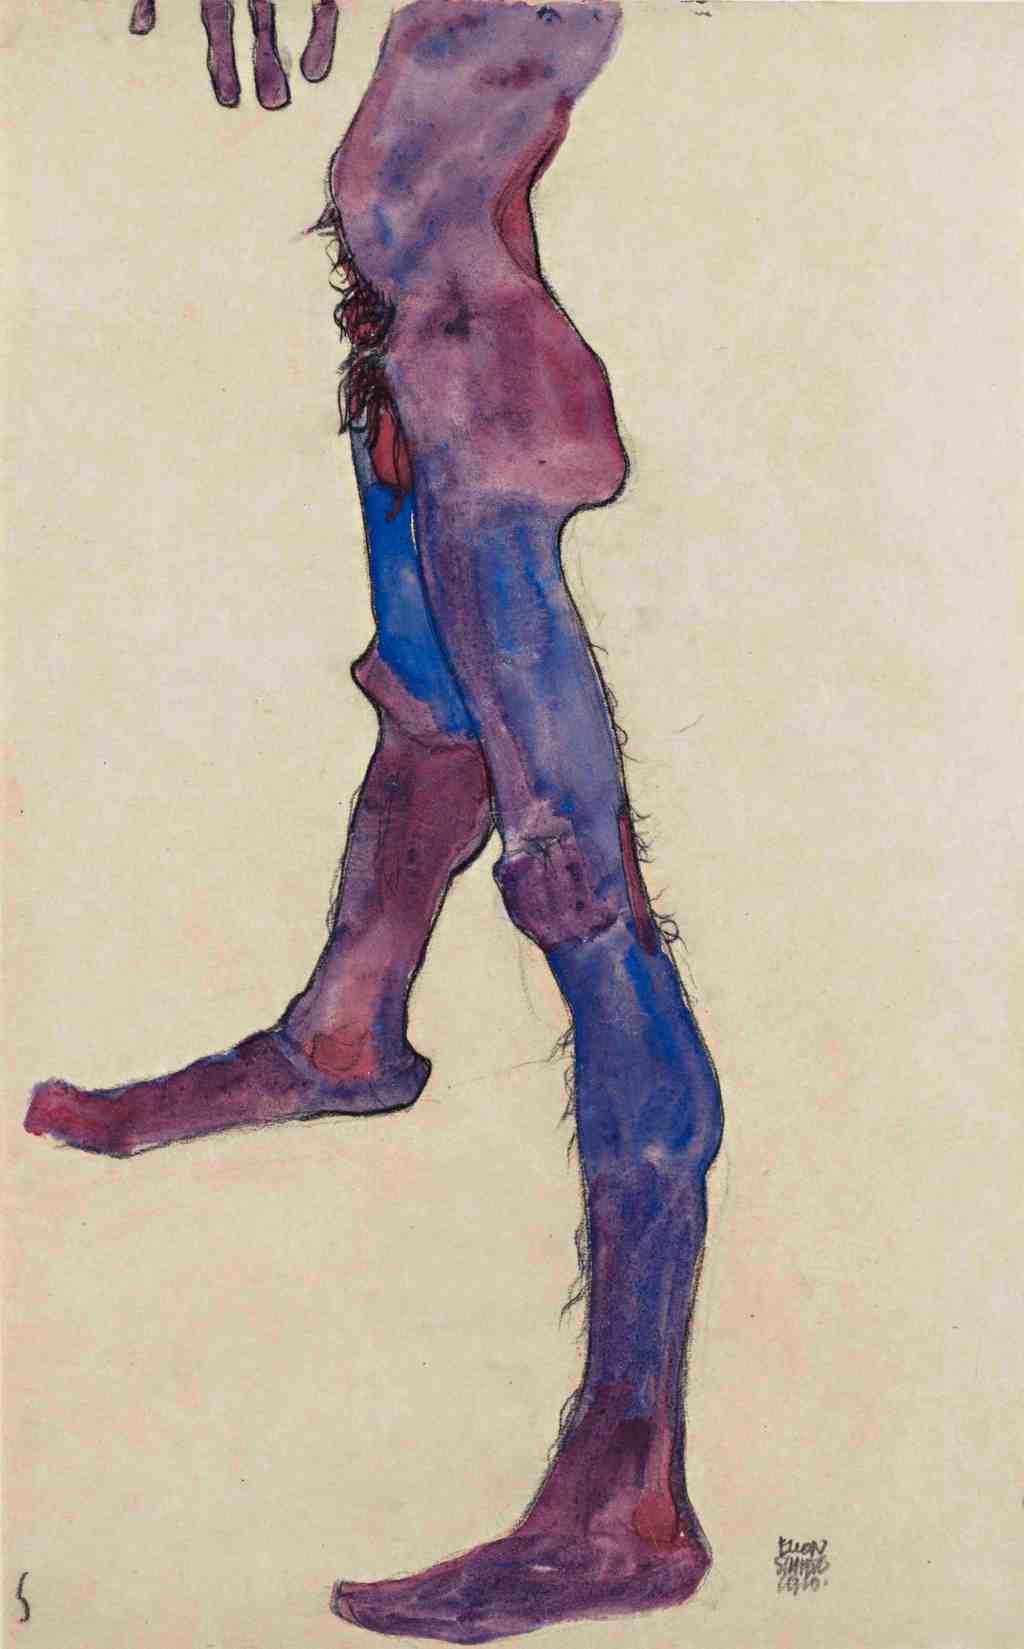 Egon Schiele, Male Lower Torso, 1910